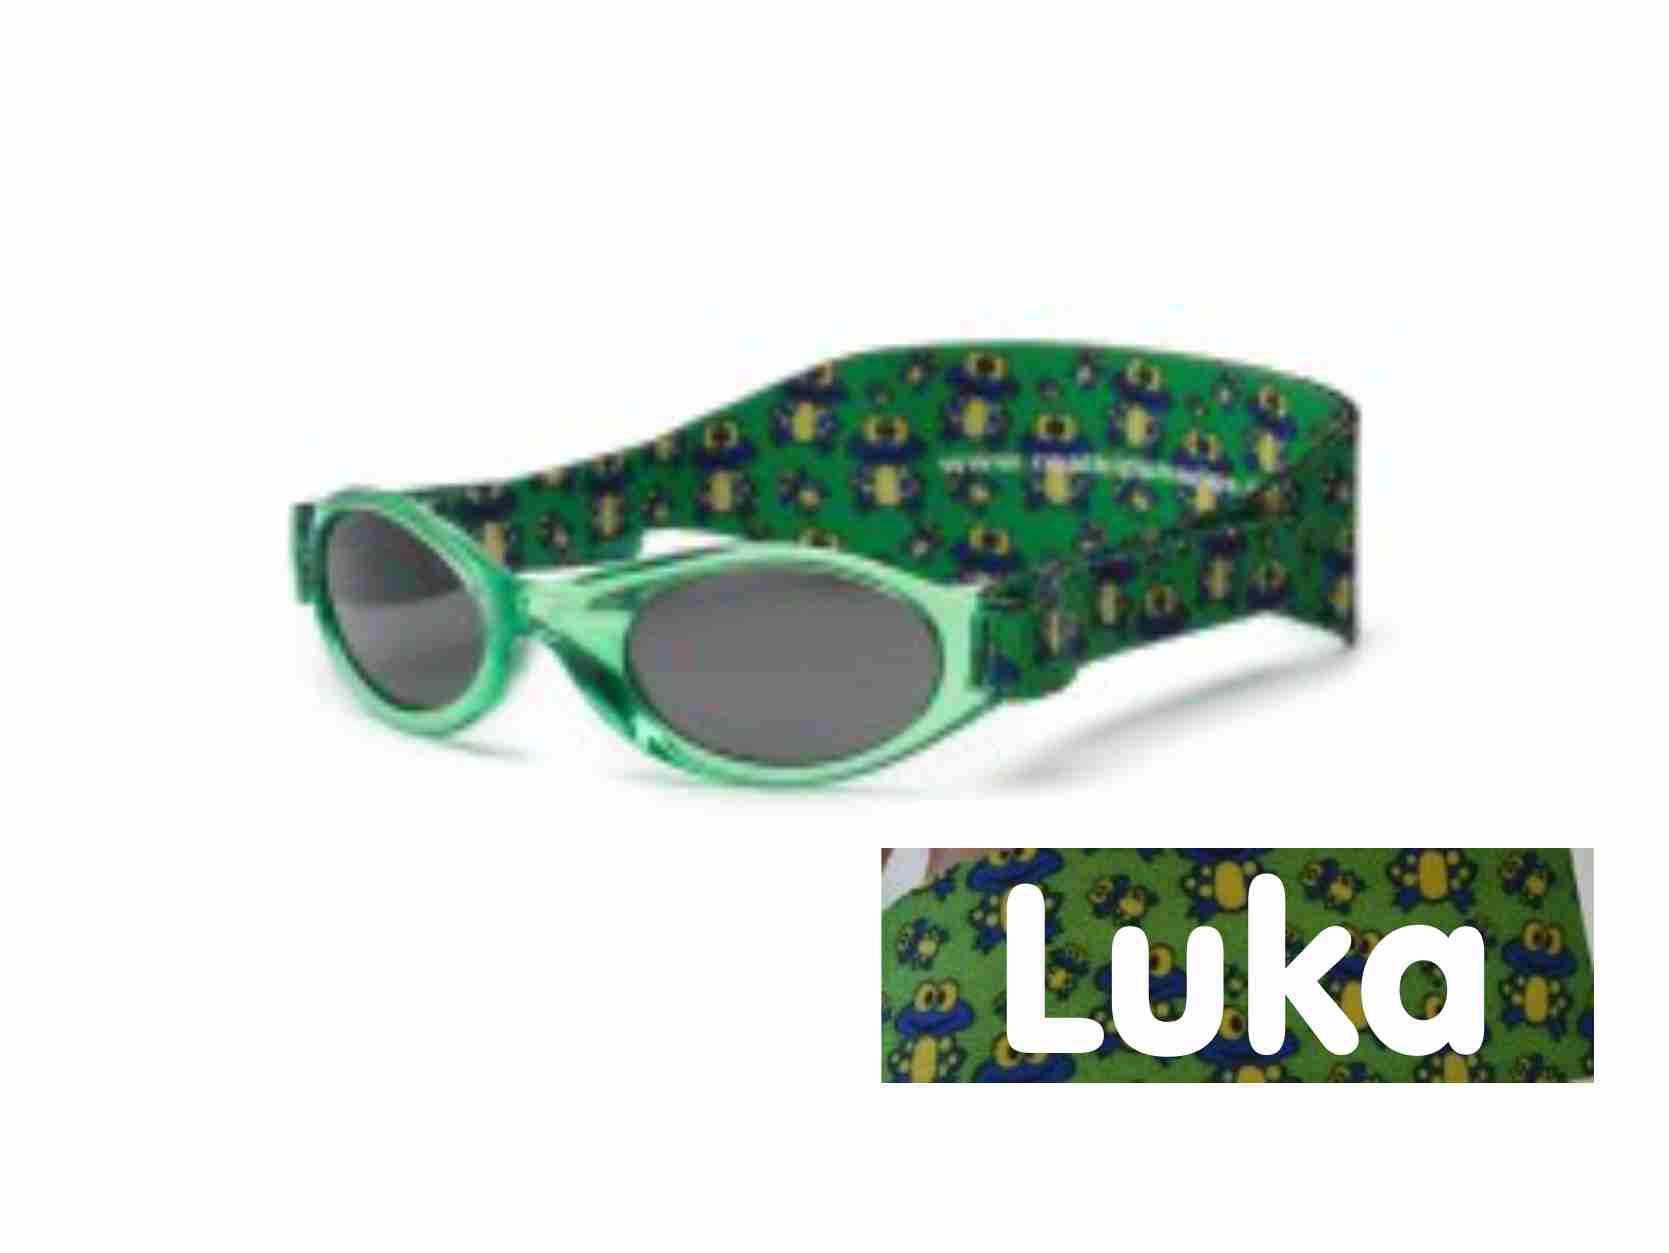 Sunglasses RKS green frog (2-5) - unisex